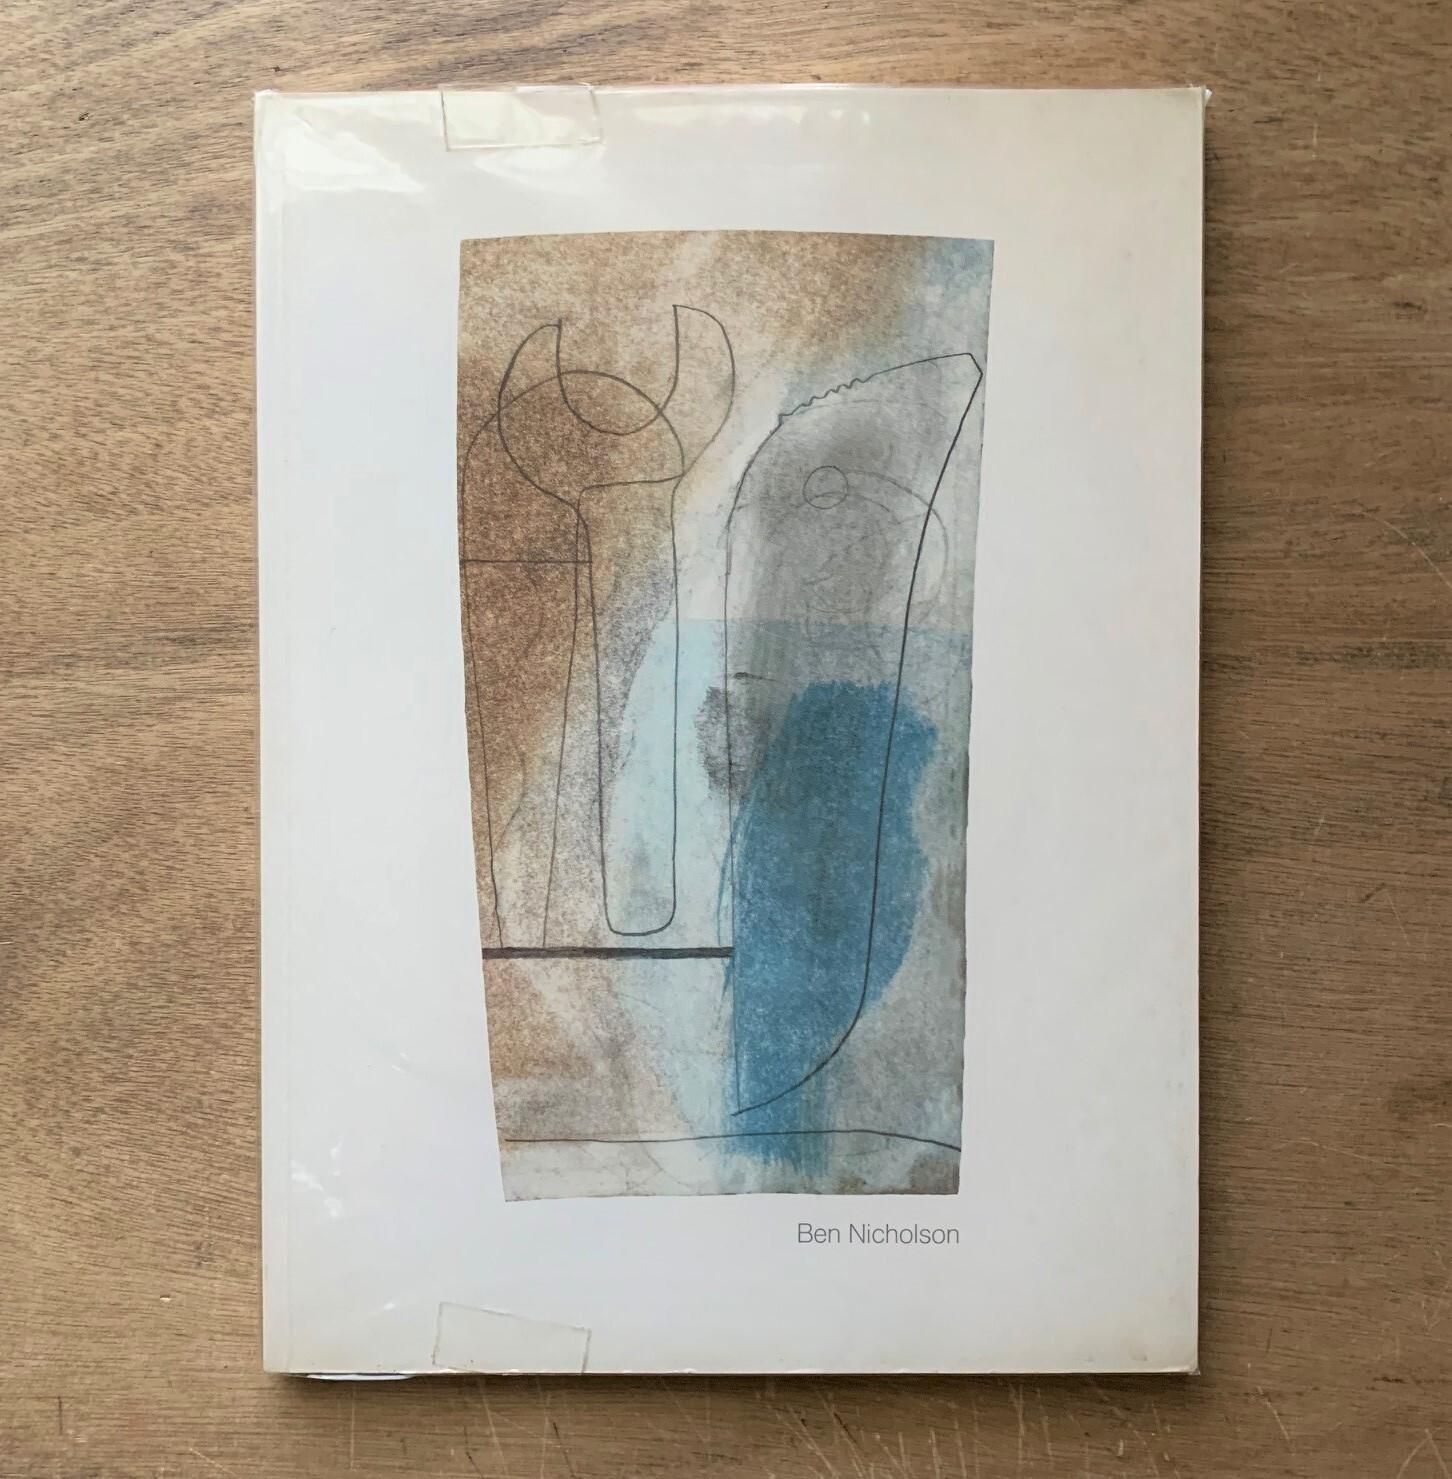 Ben Nicholson / Galerie André Emmerich, Zürich, / Ben Nicholson